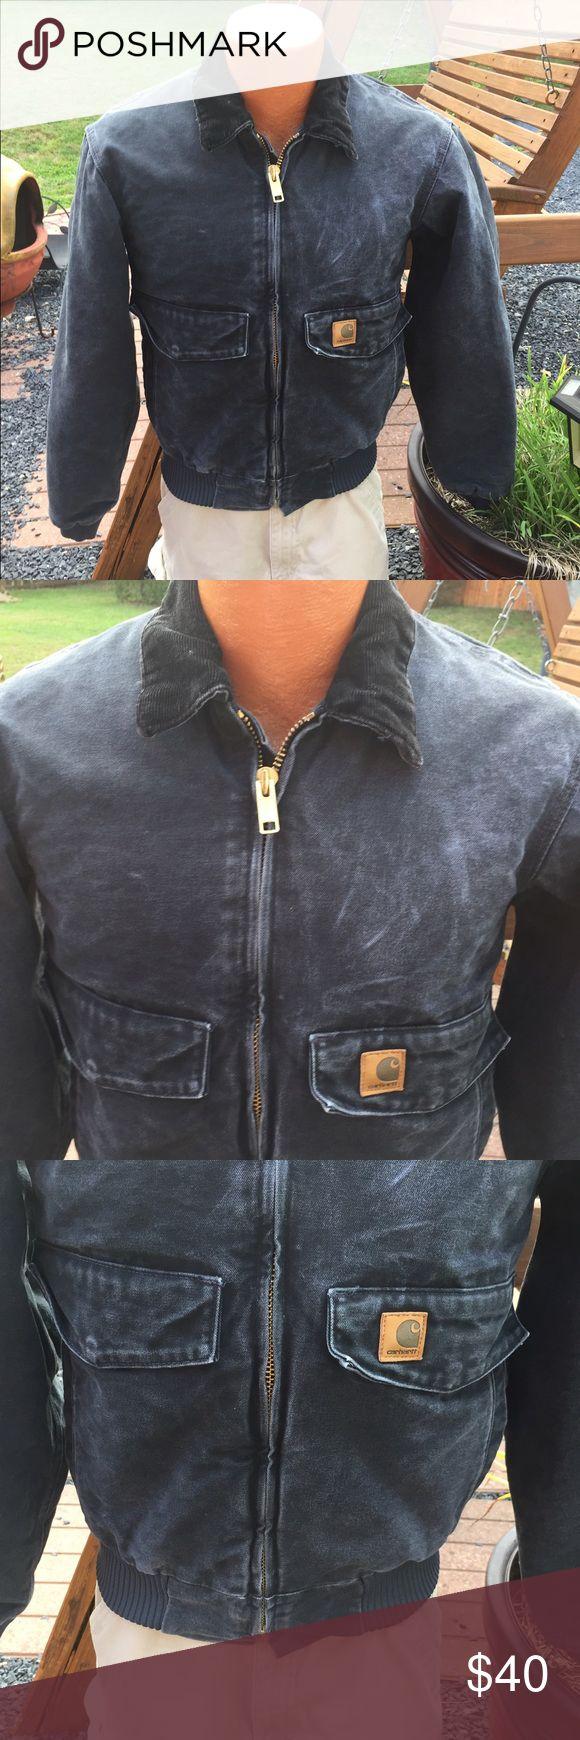 Carhartt Mens Black Jacket Coat Size Small Jacket 4806, Mens size small. Still has a ton of life left it. Carhartt Jackets & Coats Bomber & Varsity